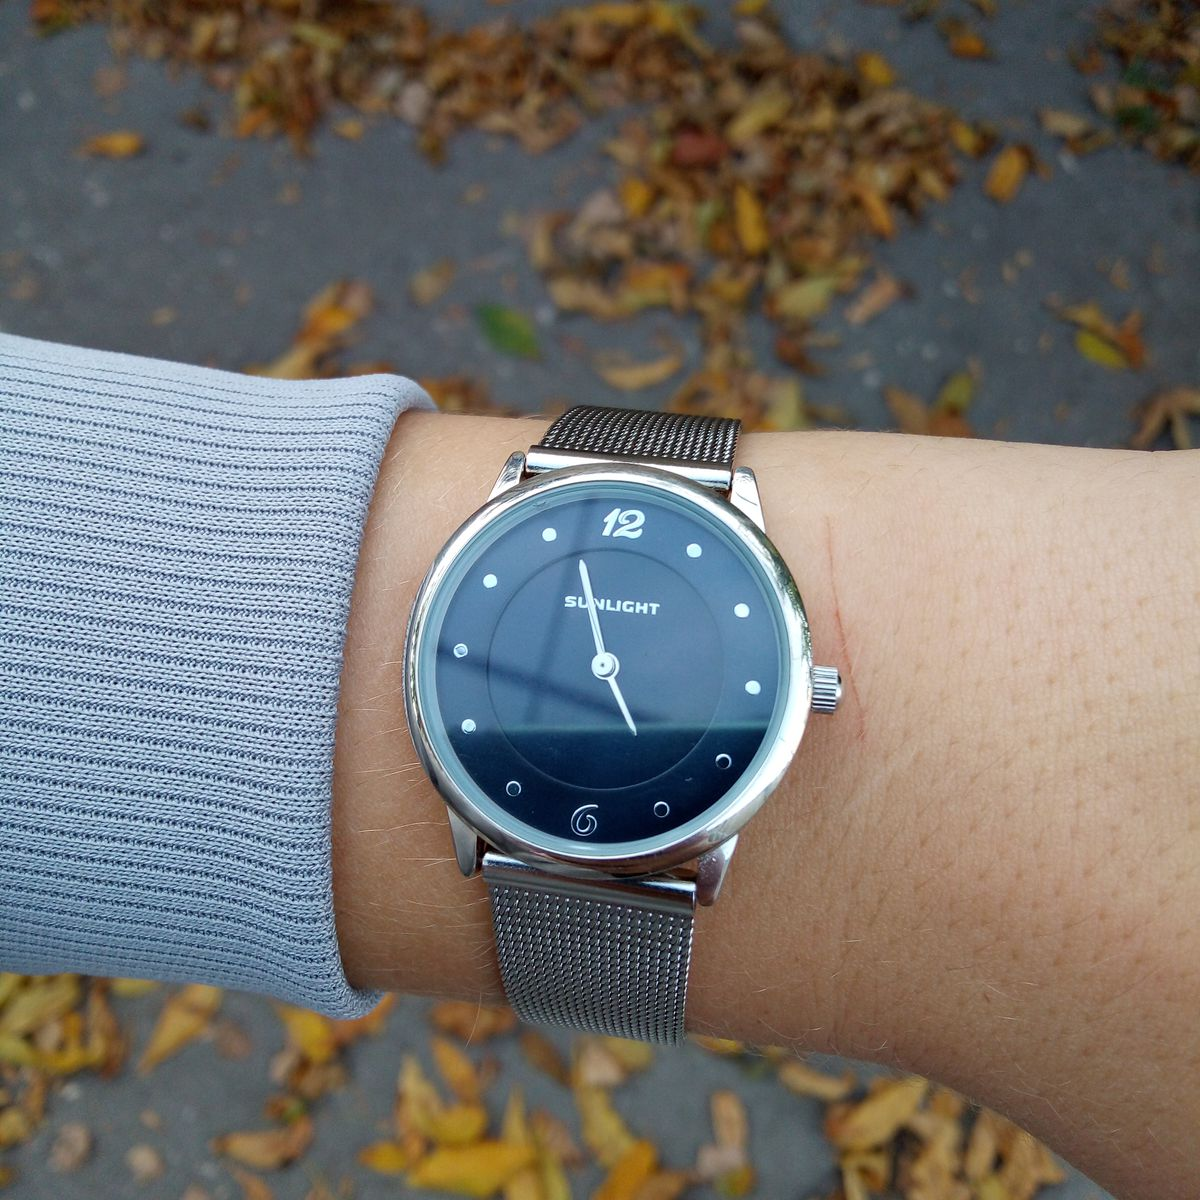 Я влюбилась в эти часы 😍